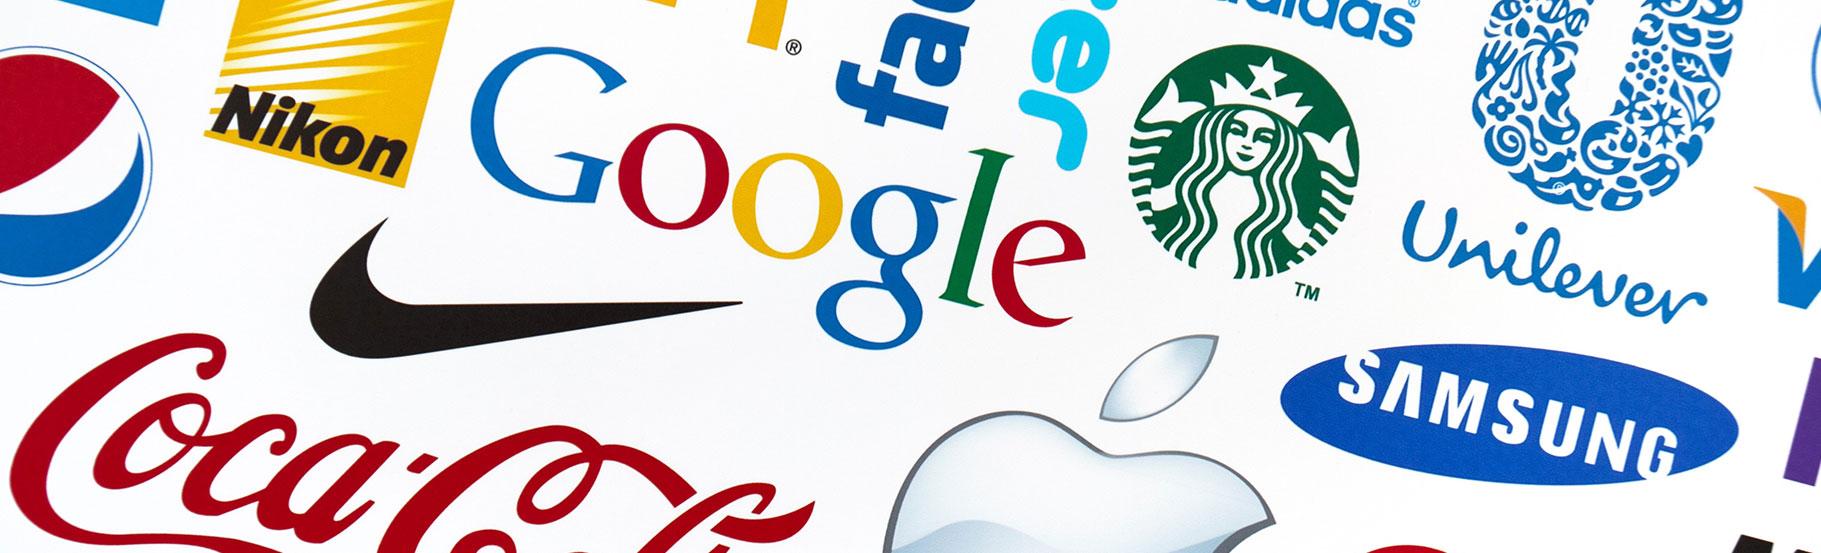 više različitih logotipa zajedno kao što je googl